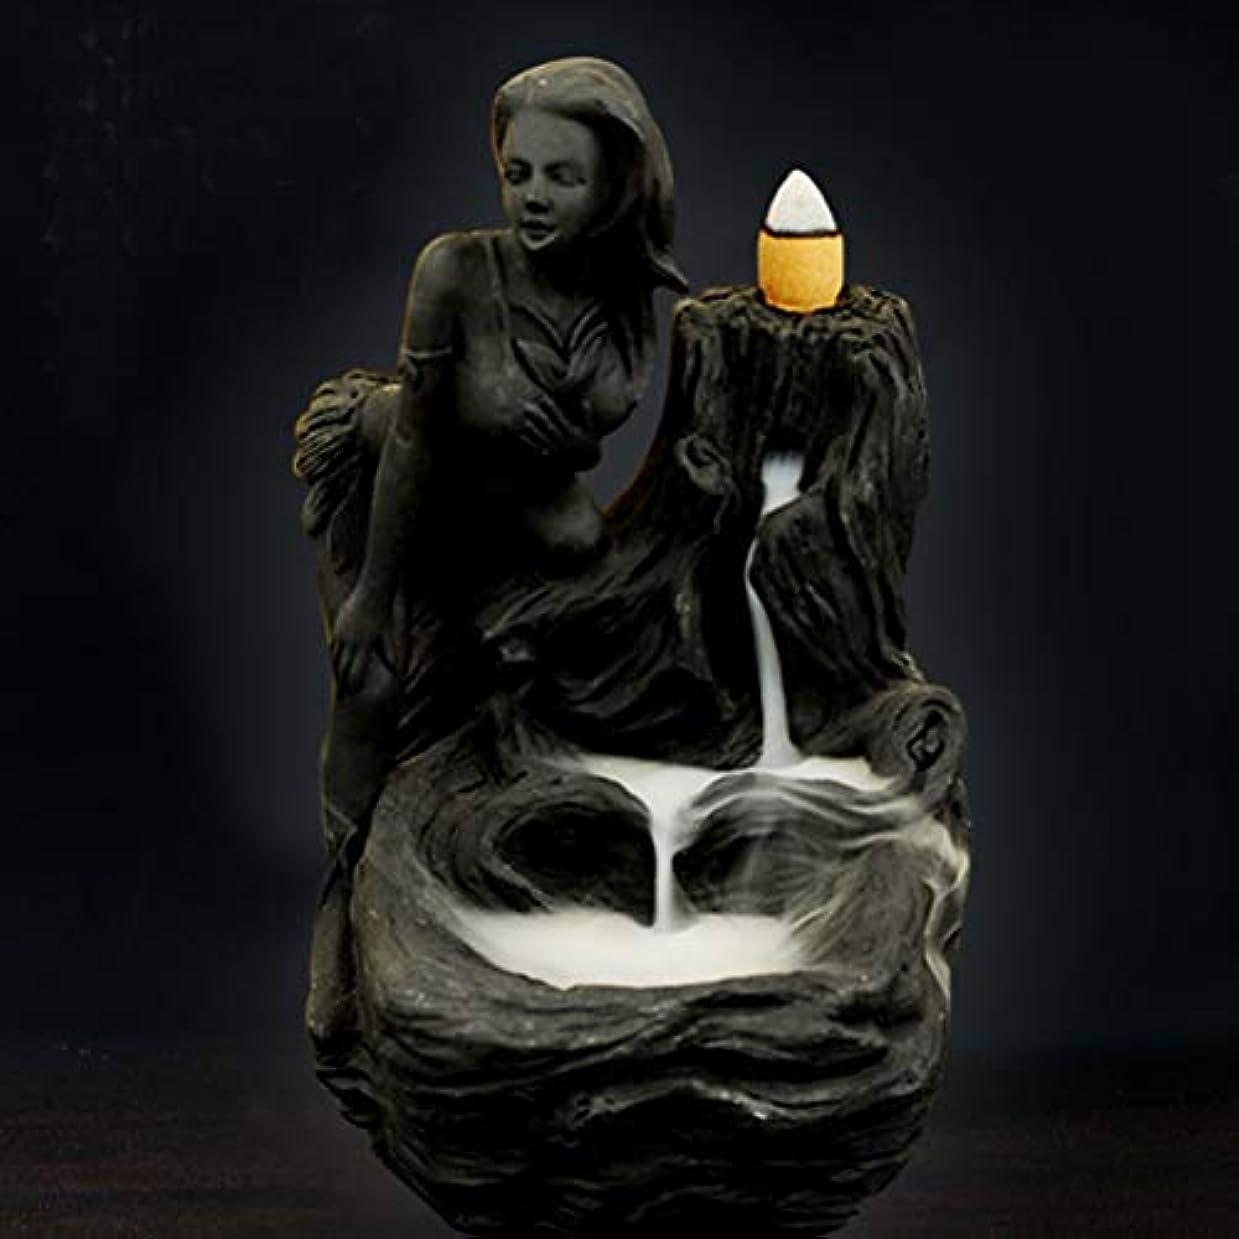 好き苦痛気づかない女神香炉煙逆流タワー香炉香炉香炉ホルダー香炉ホームデコレーション